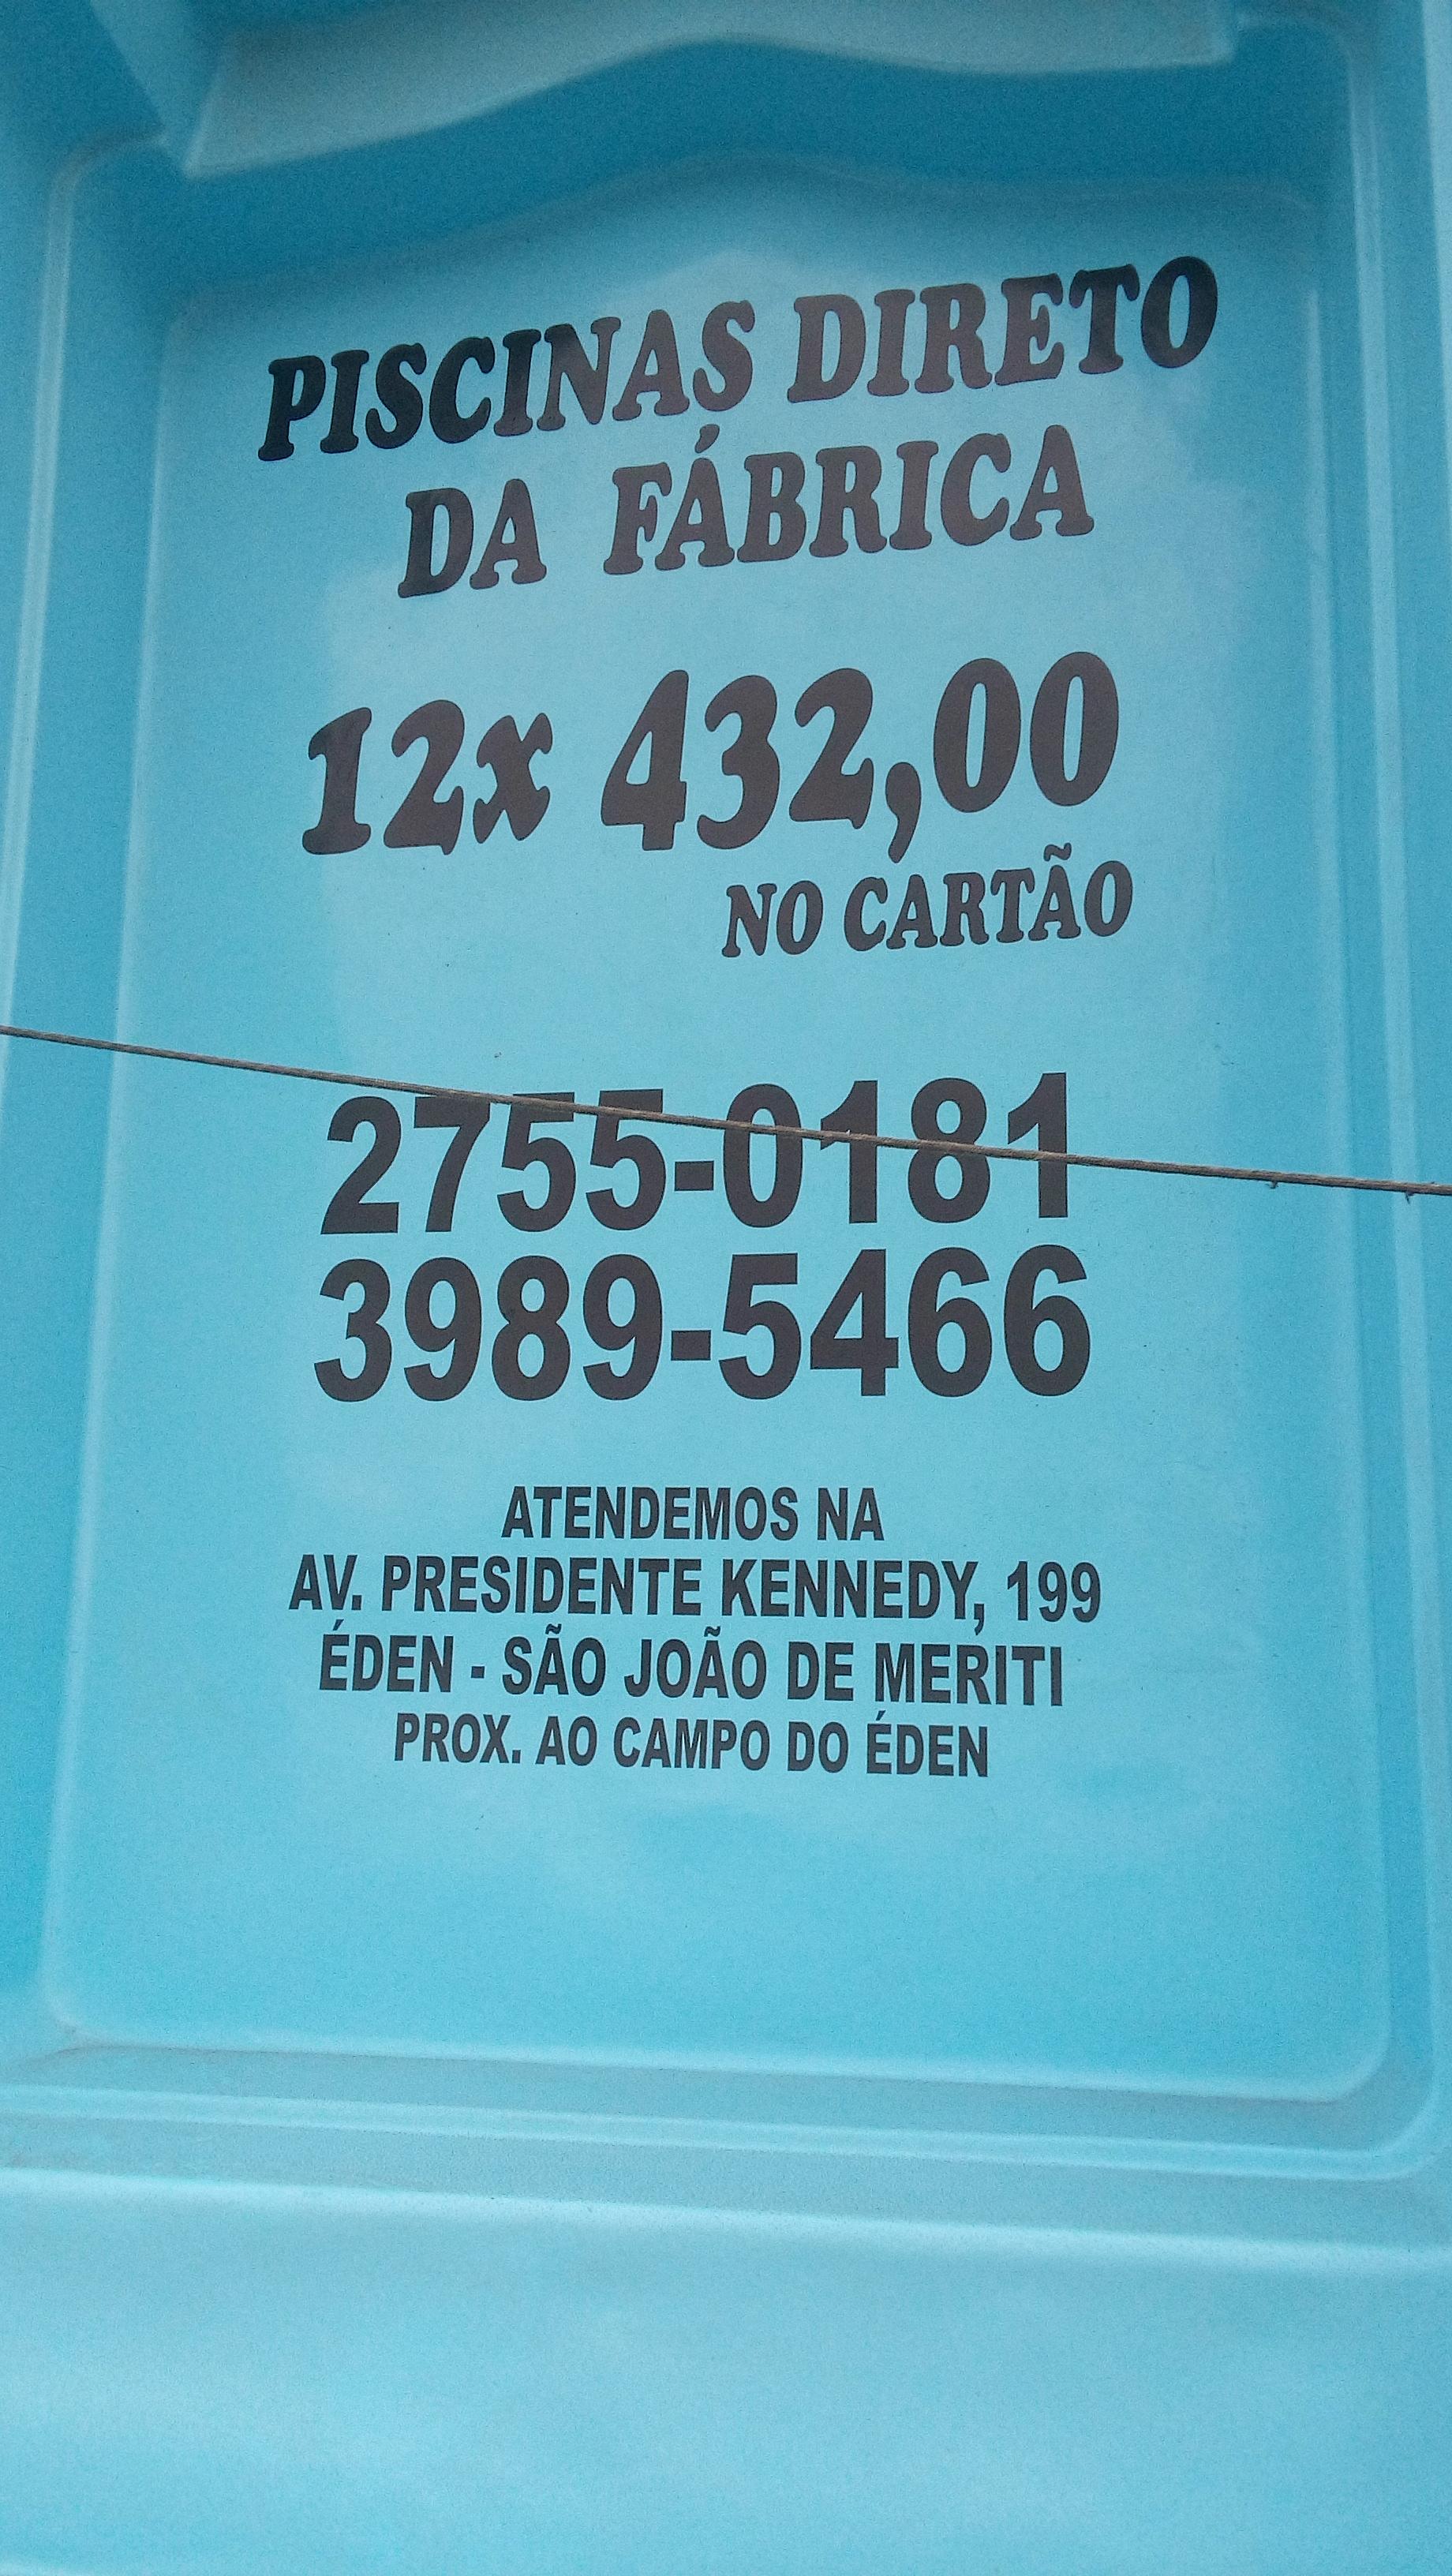 Piscinas A Partir De 550 00 A Vista Rio De Janeiro Rj Zip Anuncios